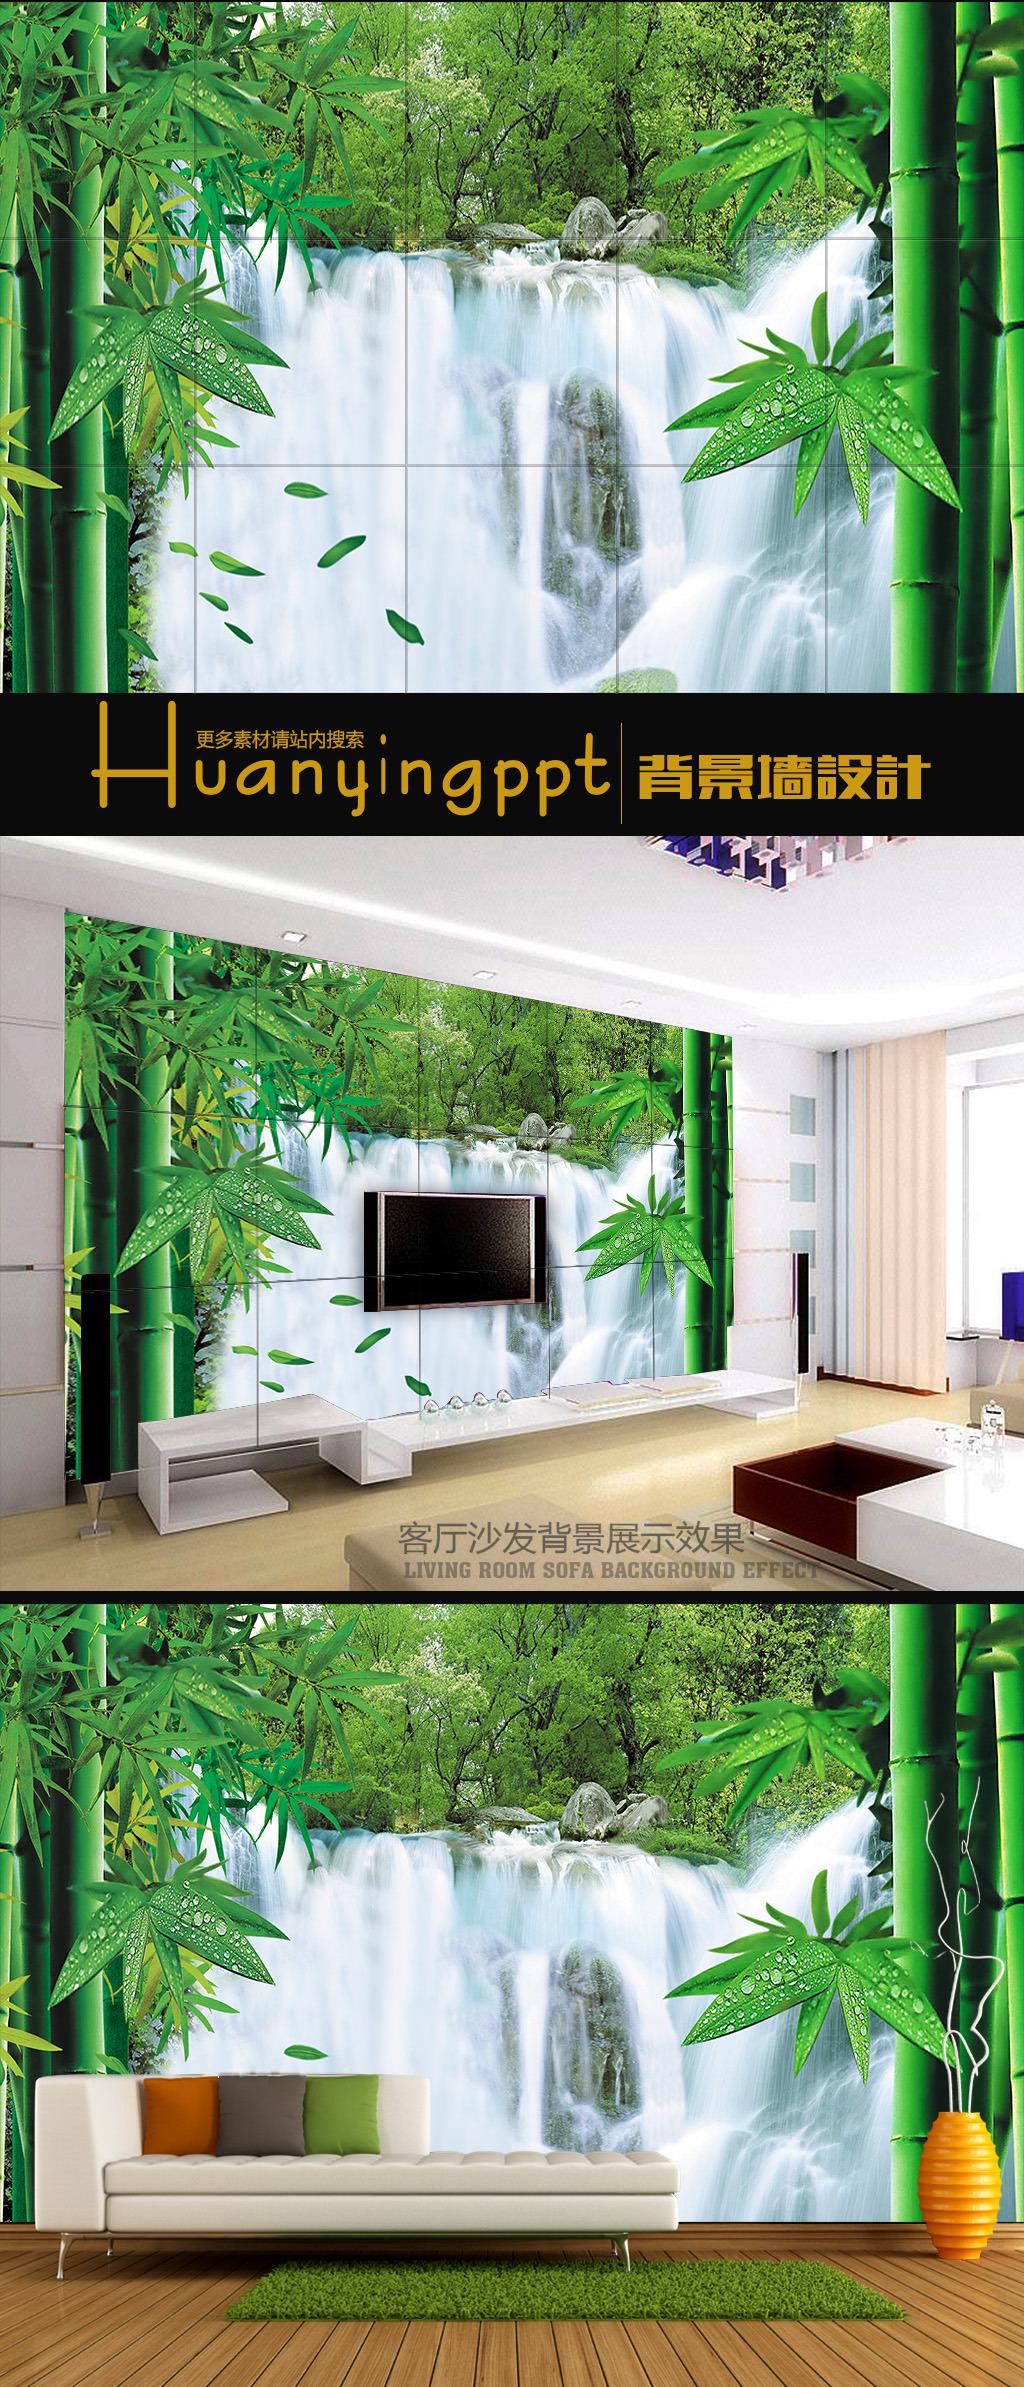 竹林风景背景墙图片下载